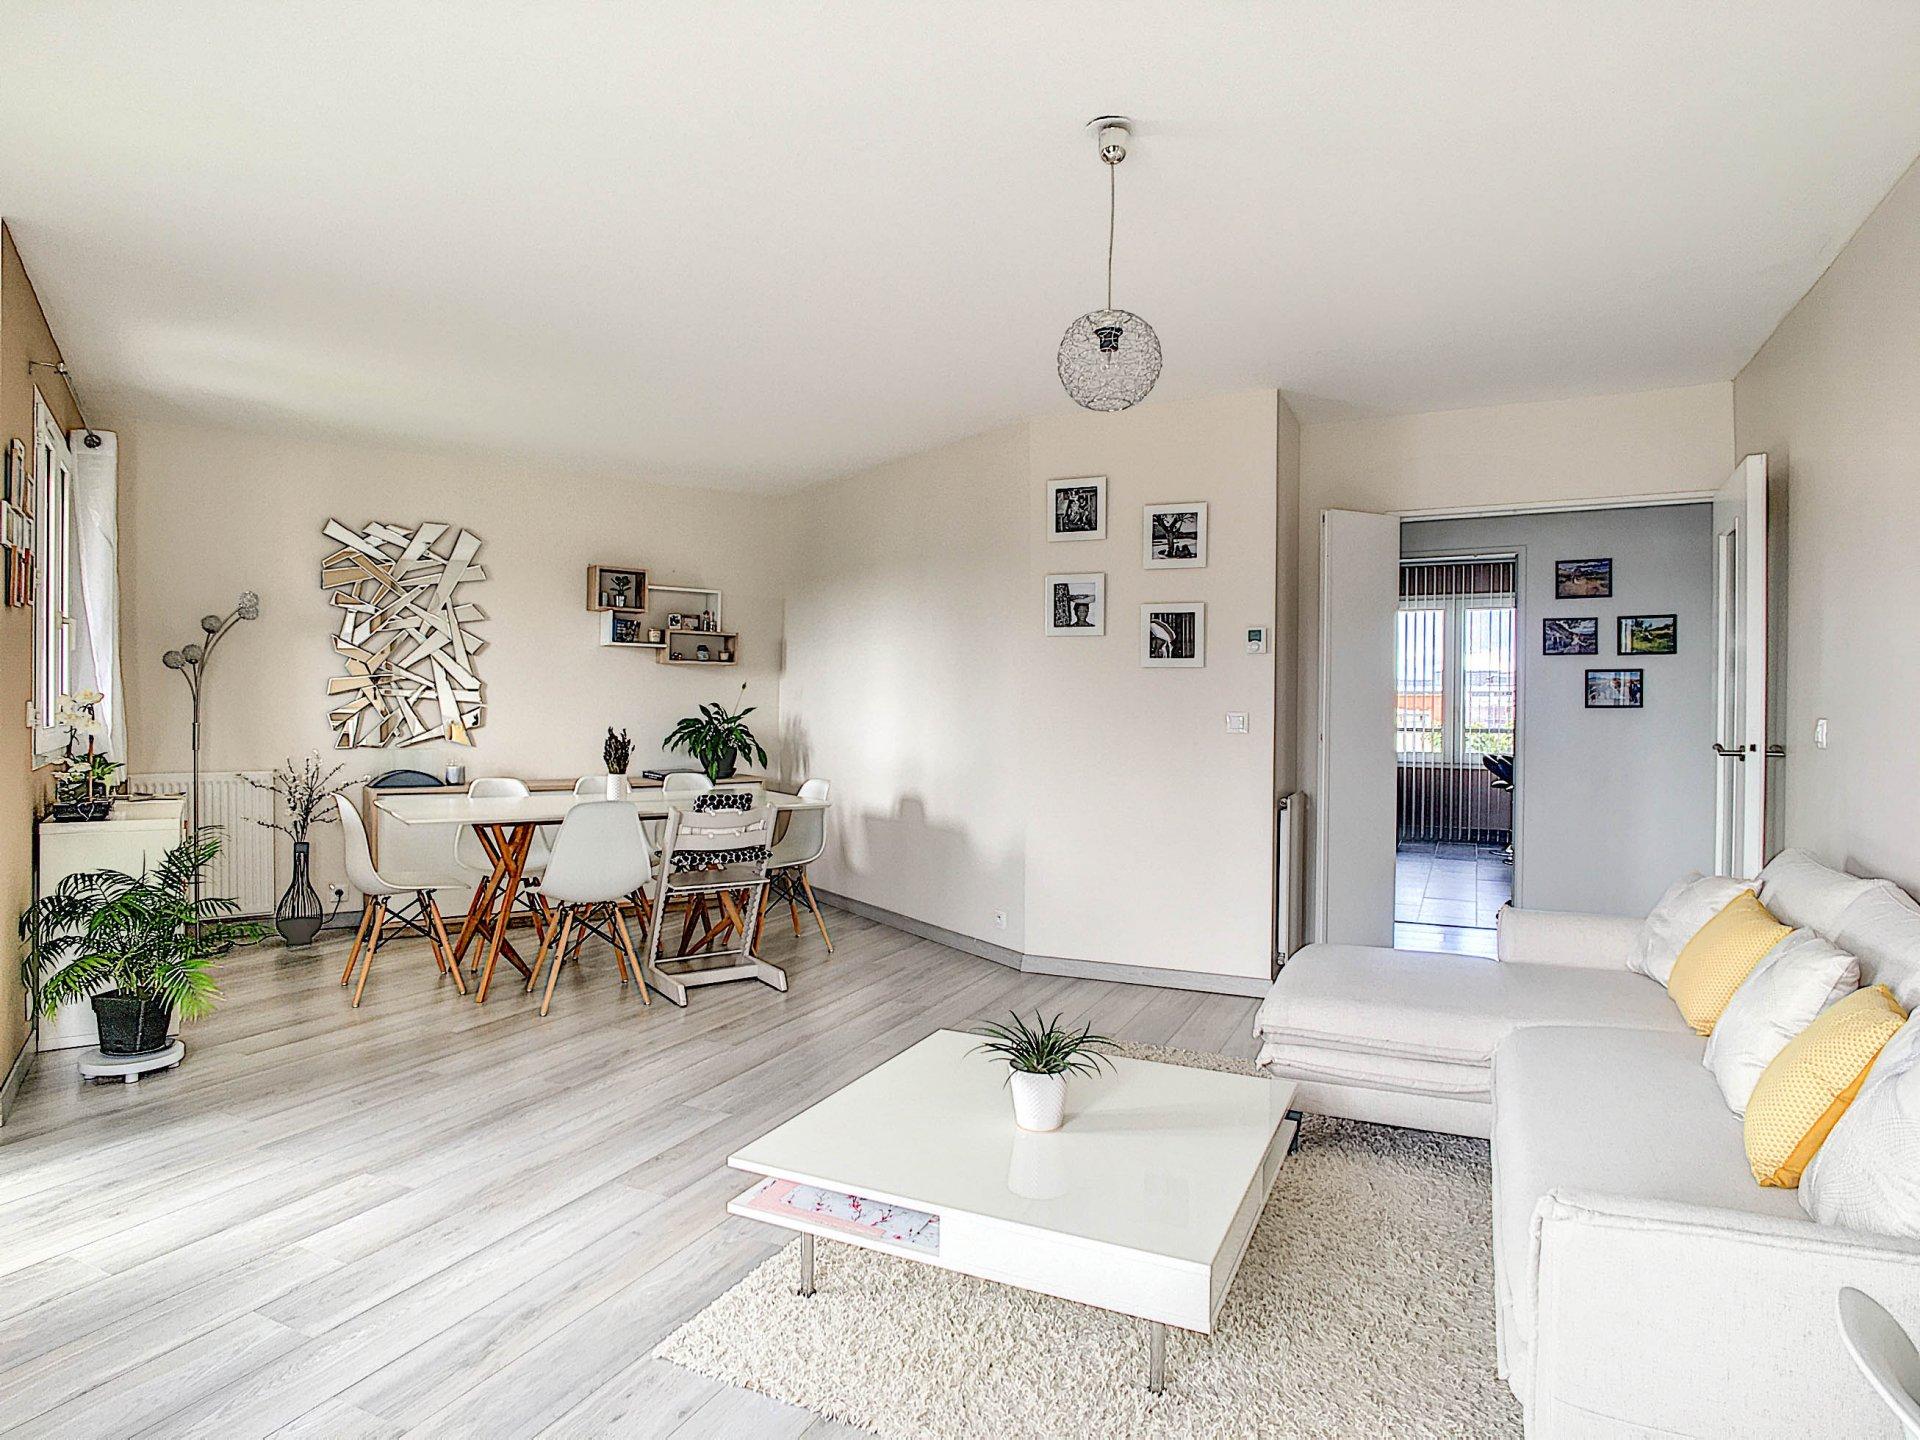 Appartement T3 hyper centre  de 84.5 m²